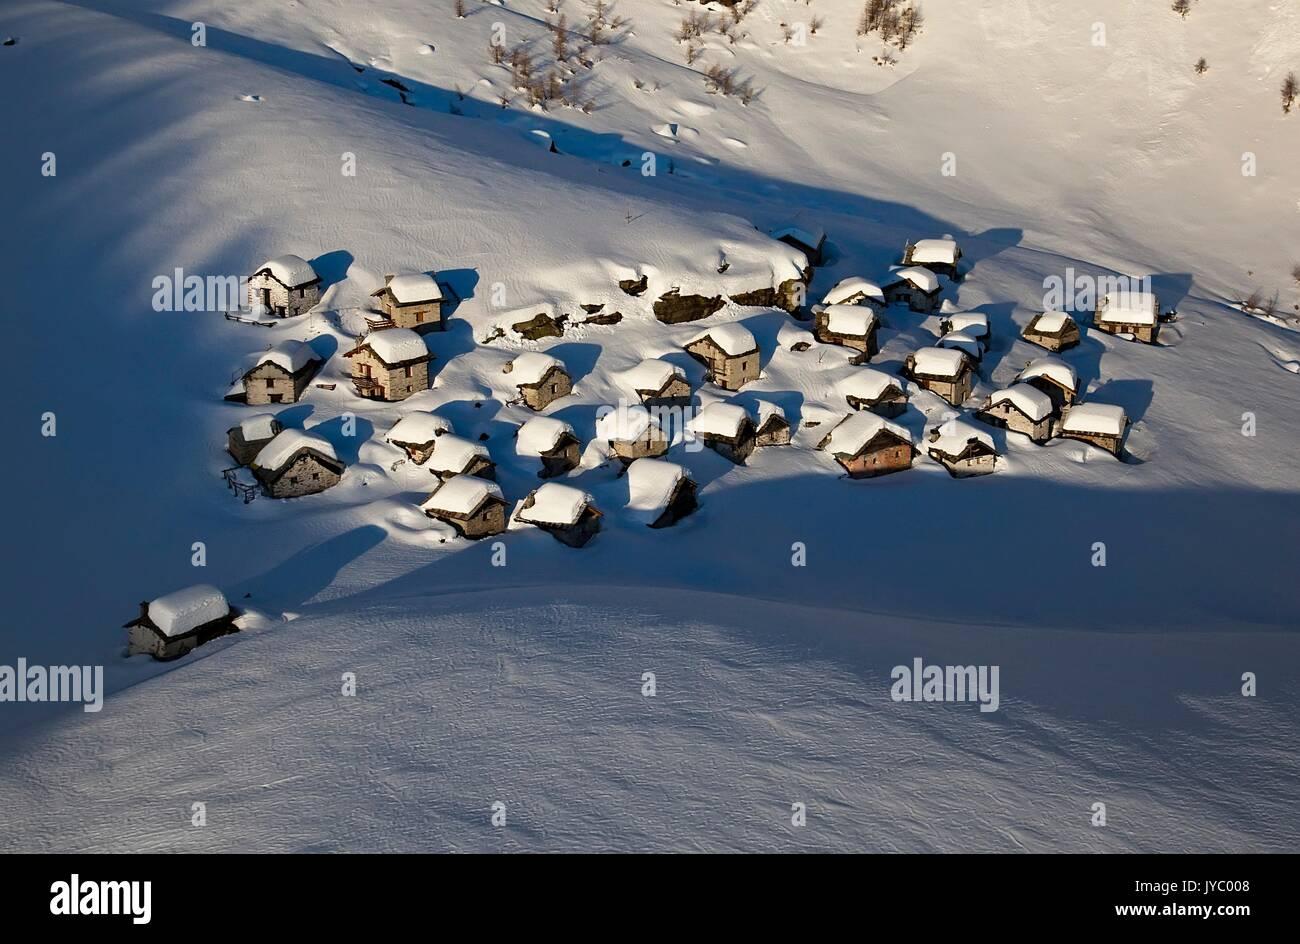 Vista aerea di rifugi di montagna di Lendine Alp dopo un pesante nevicata invernale. Valchiavenna. La Valtellina. Foto Stock